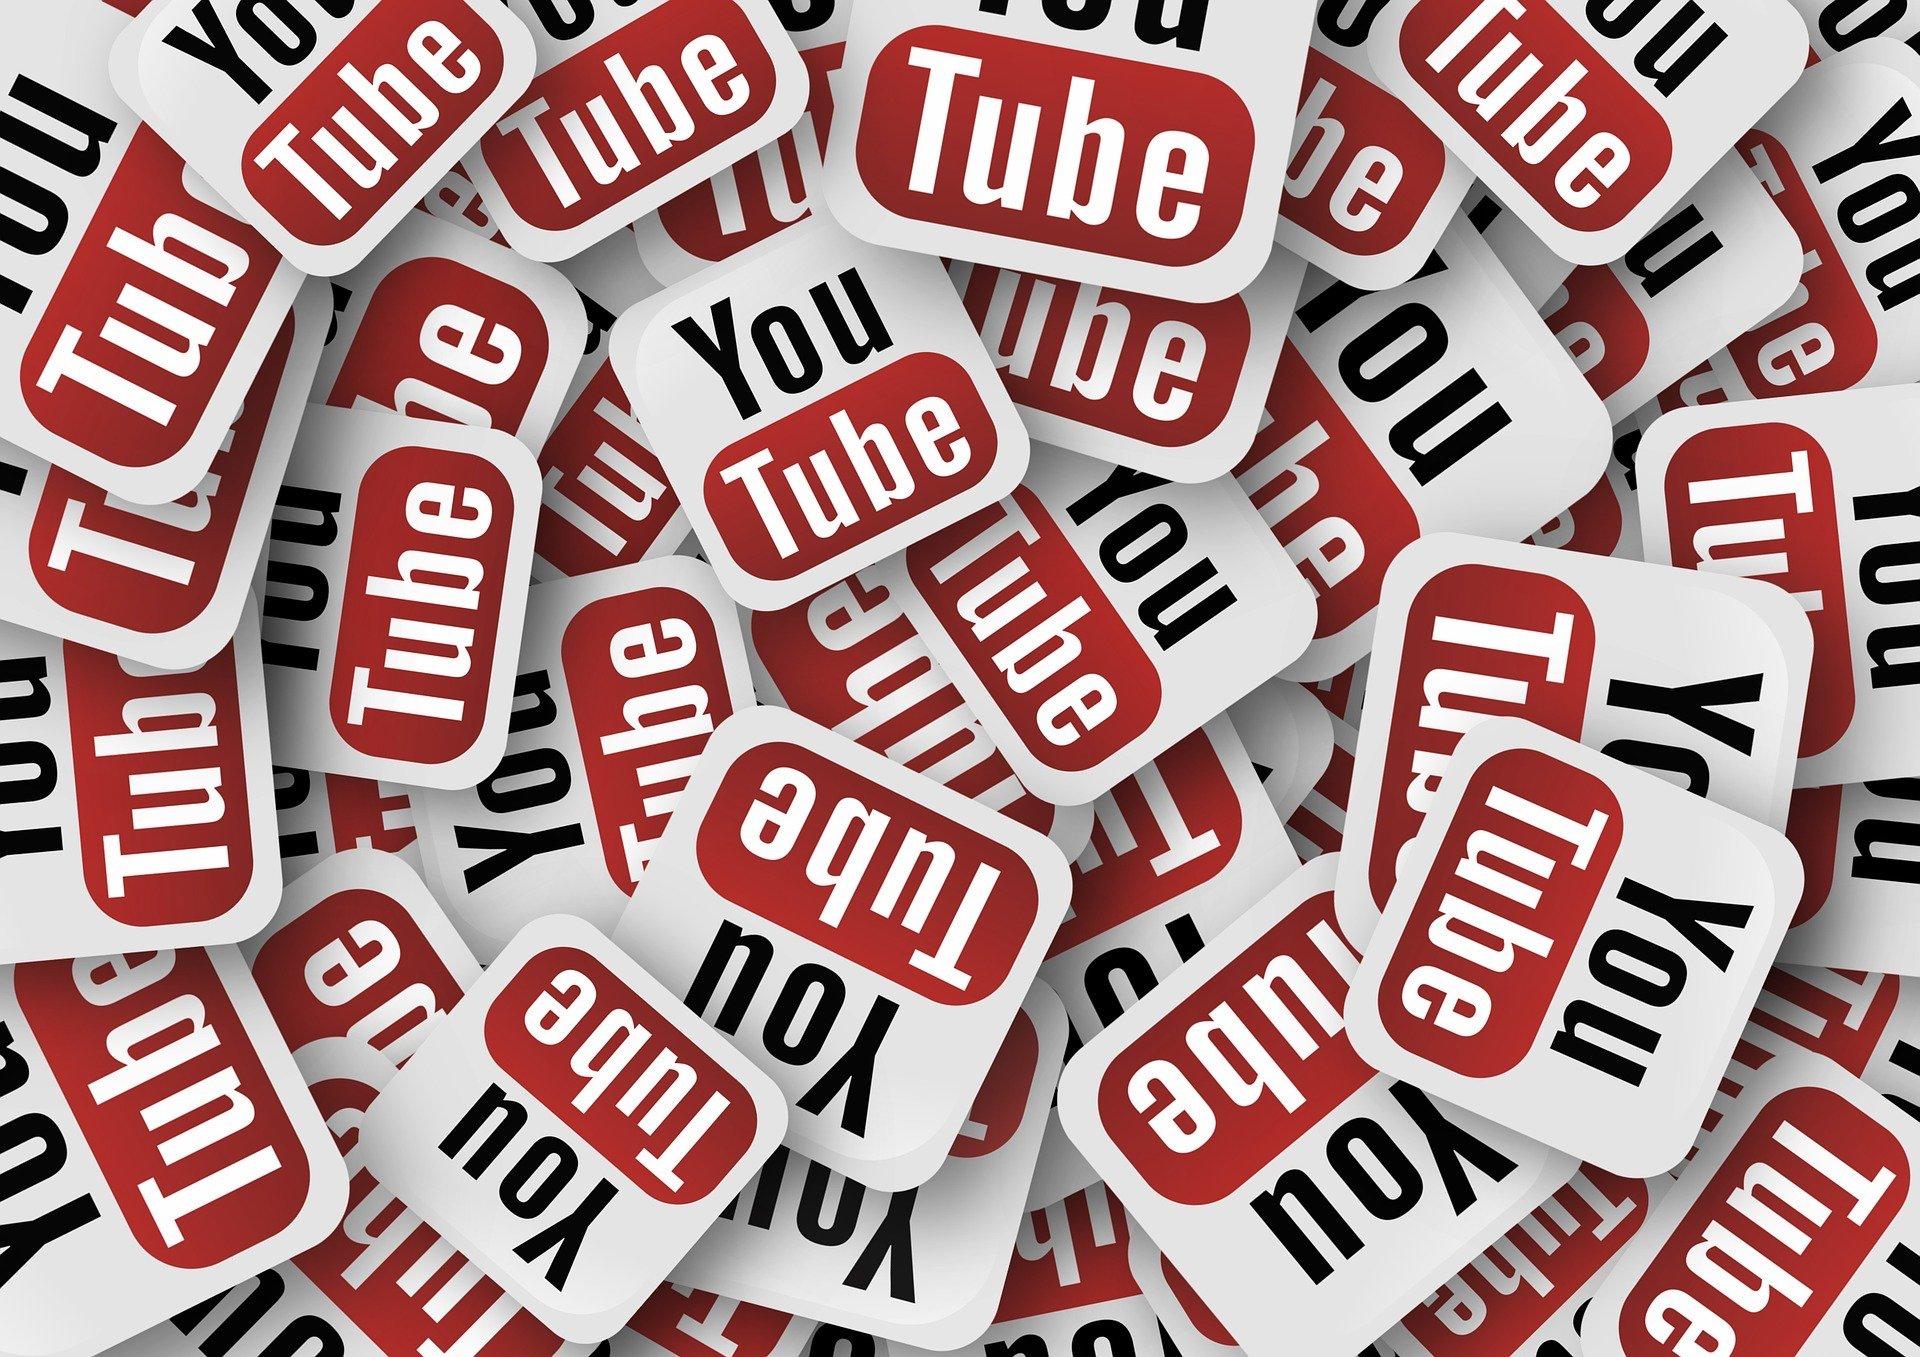 Youtube incorpora anuncios verticales a su app